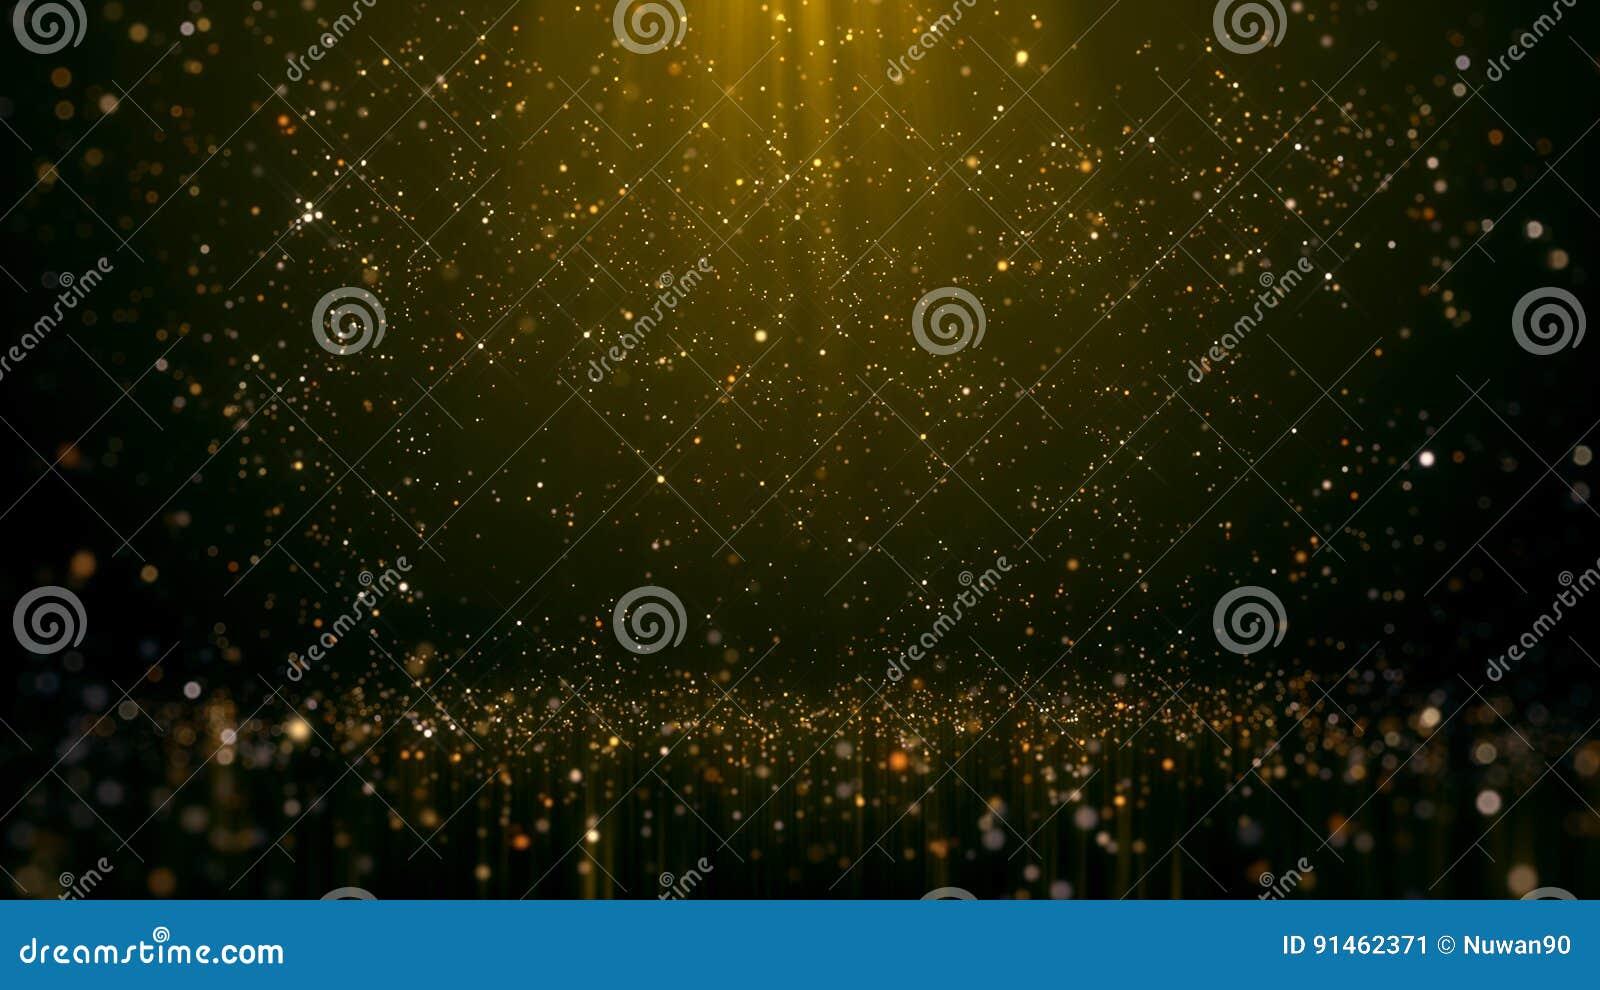 金子闪烁的Bokeh魅力摘要背景